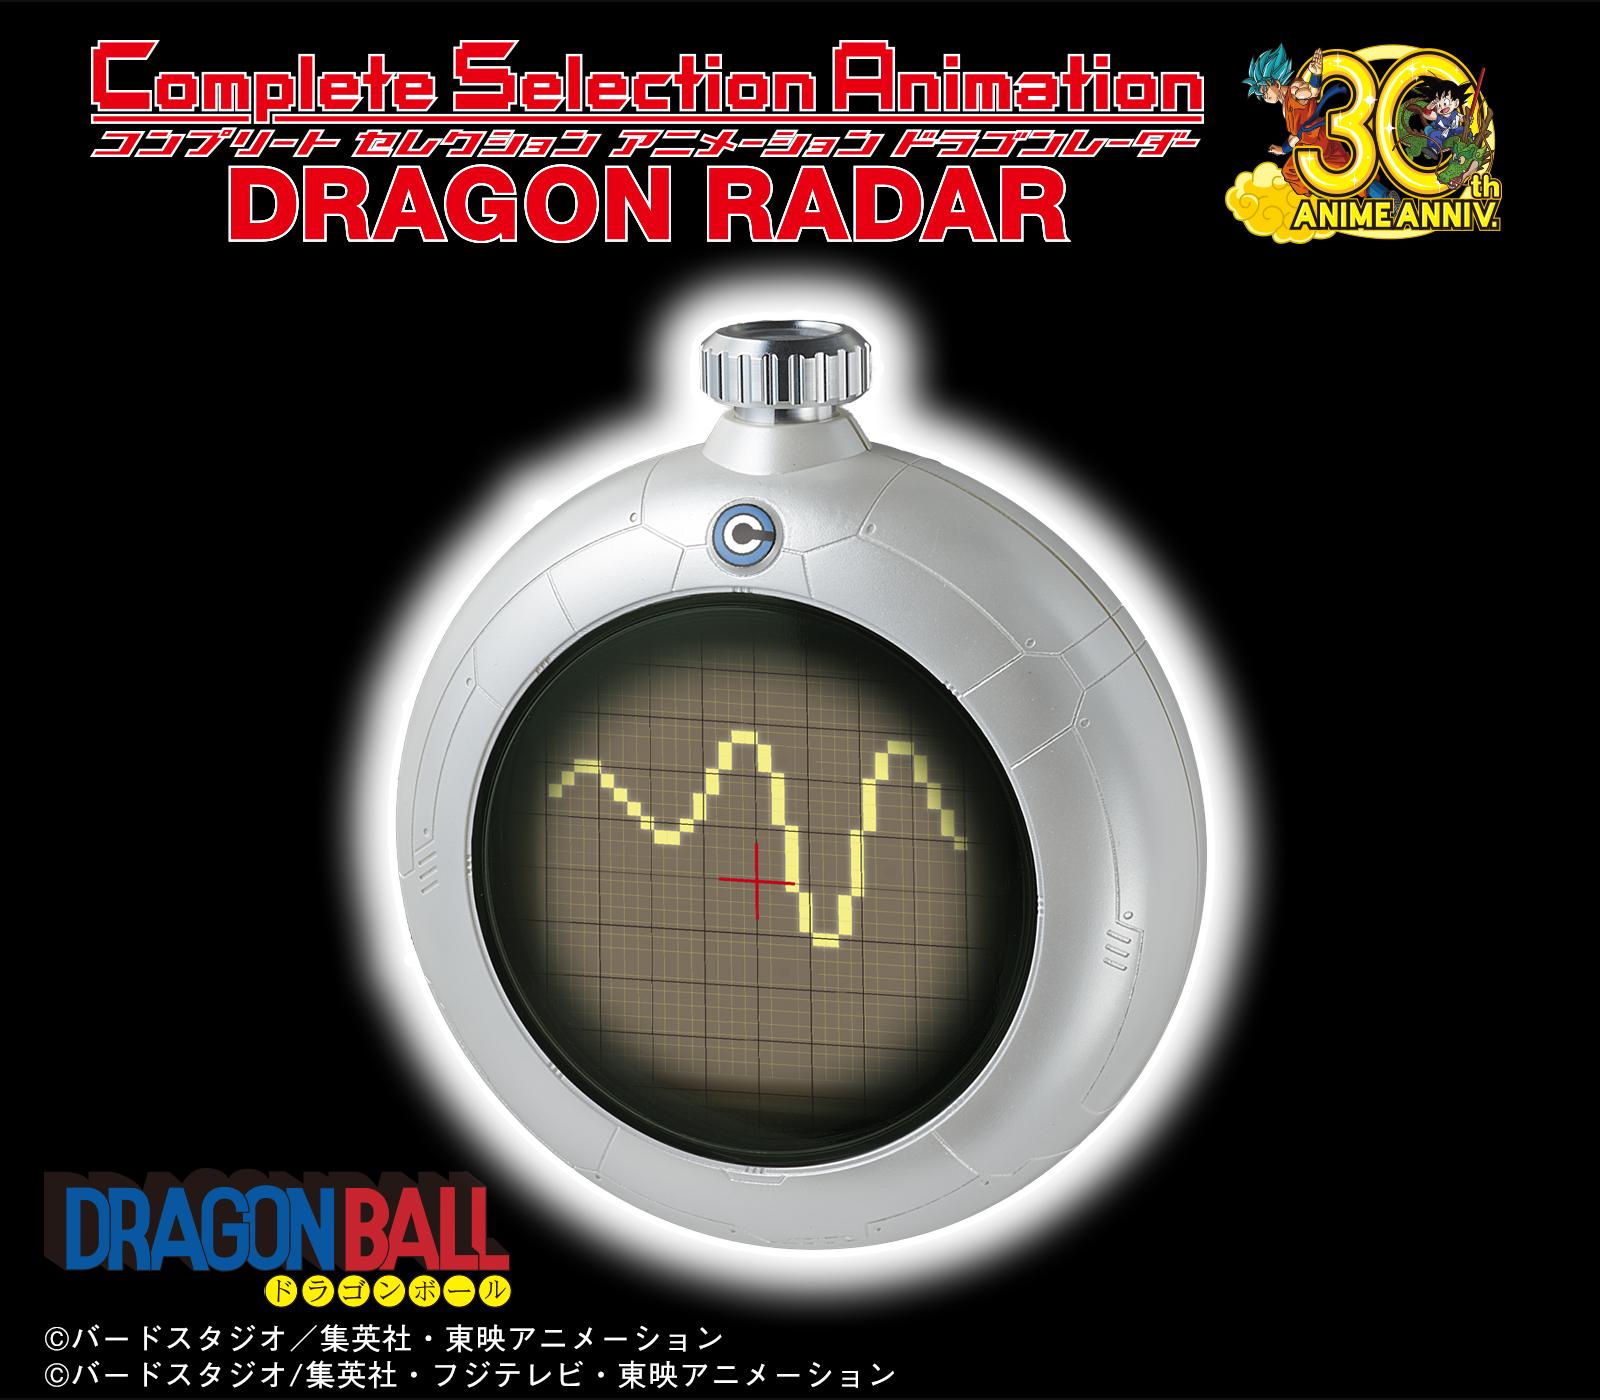 アニメ化30周年『ドラゴンボール』の「ドラゴンレーダー」予約受付中!!